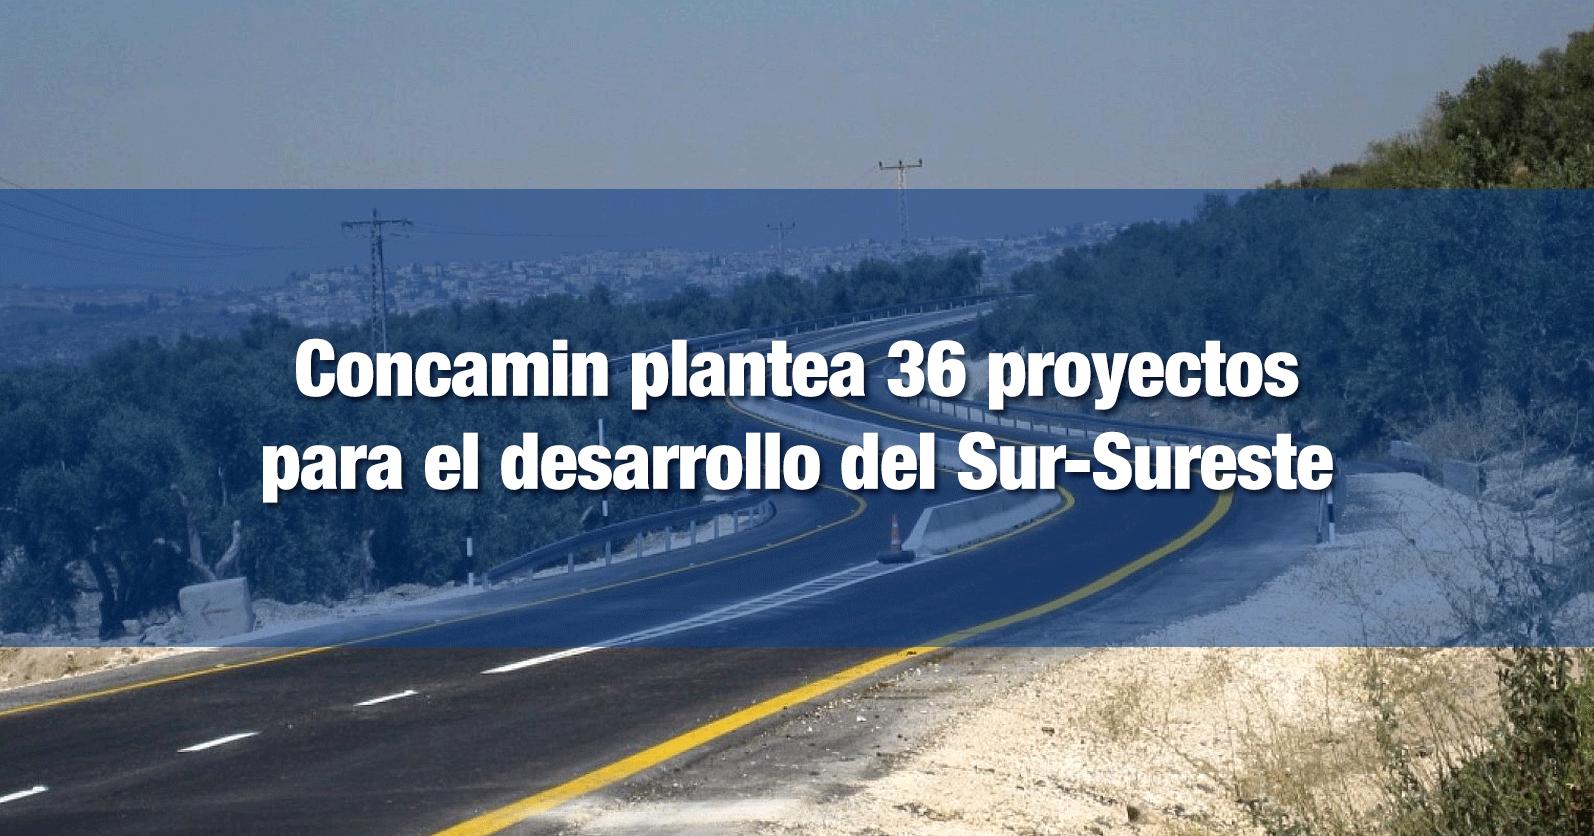 Concamin plantea 36 proyectos para el desarrollo del Sur-Sureste